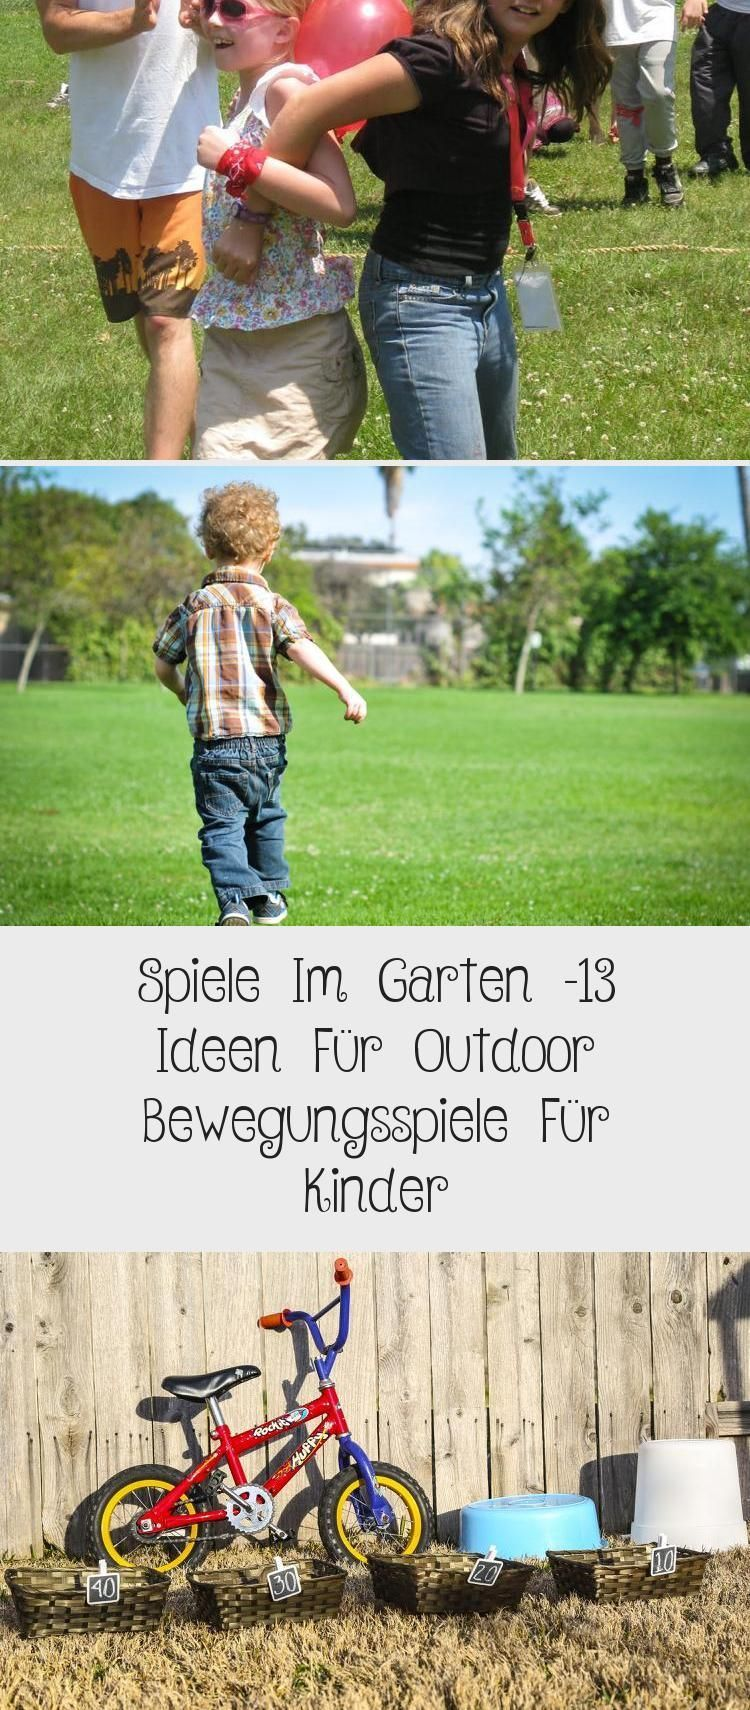 Spiele Im Garten 13 Ideen Fur Outdoor Ubungsspiele Fur Kinder Sandbox In 2020 Spiele Im Garten Kinderspiele Spiele